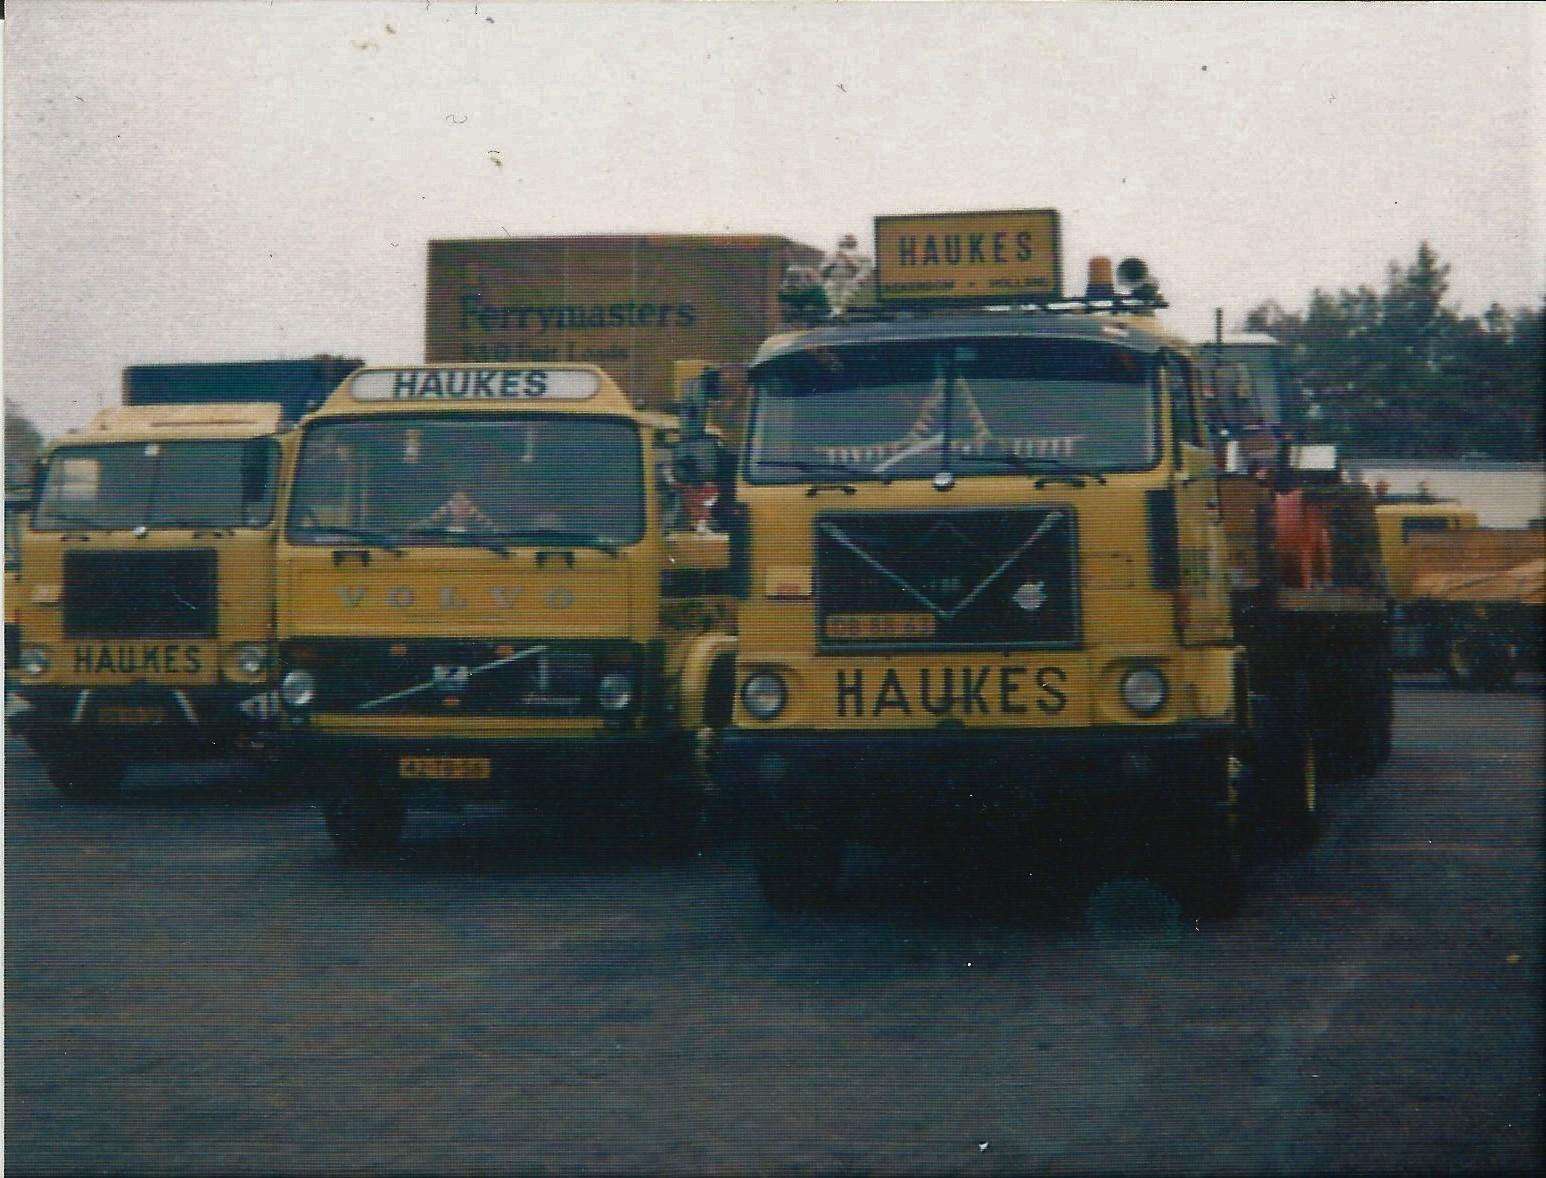 Volvo-Hans-Megens-archief